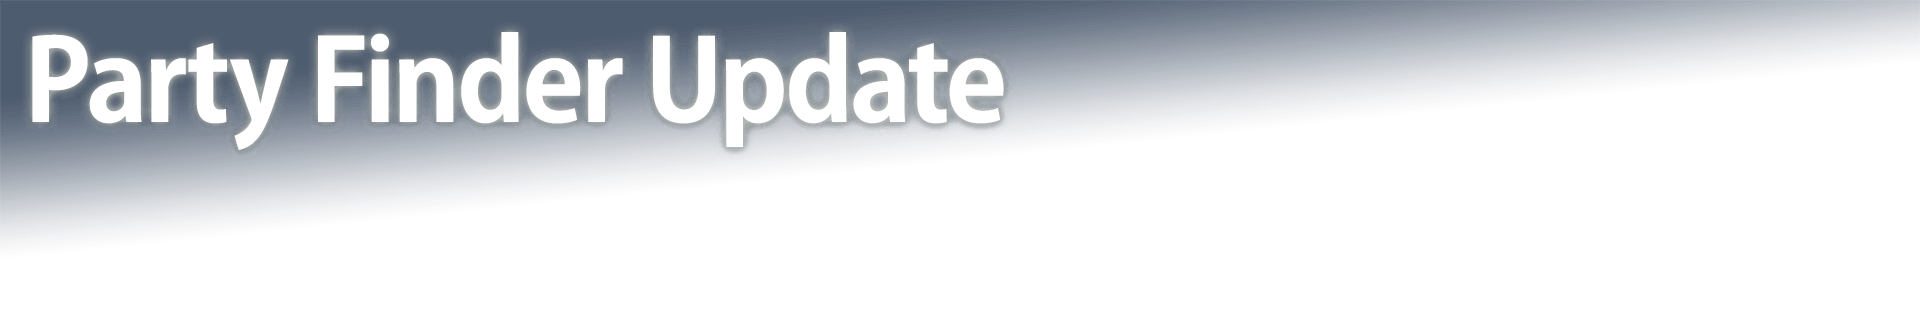 Party Finder Update